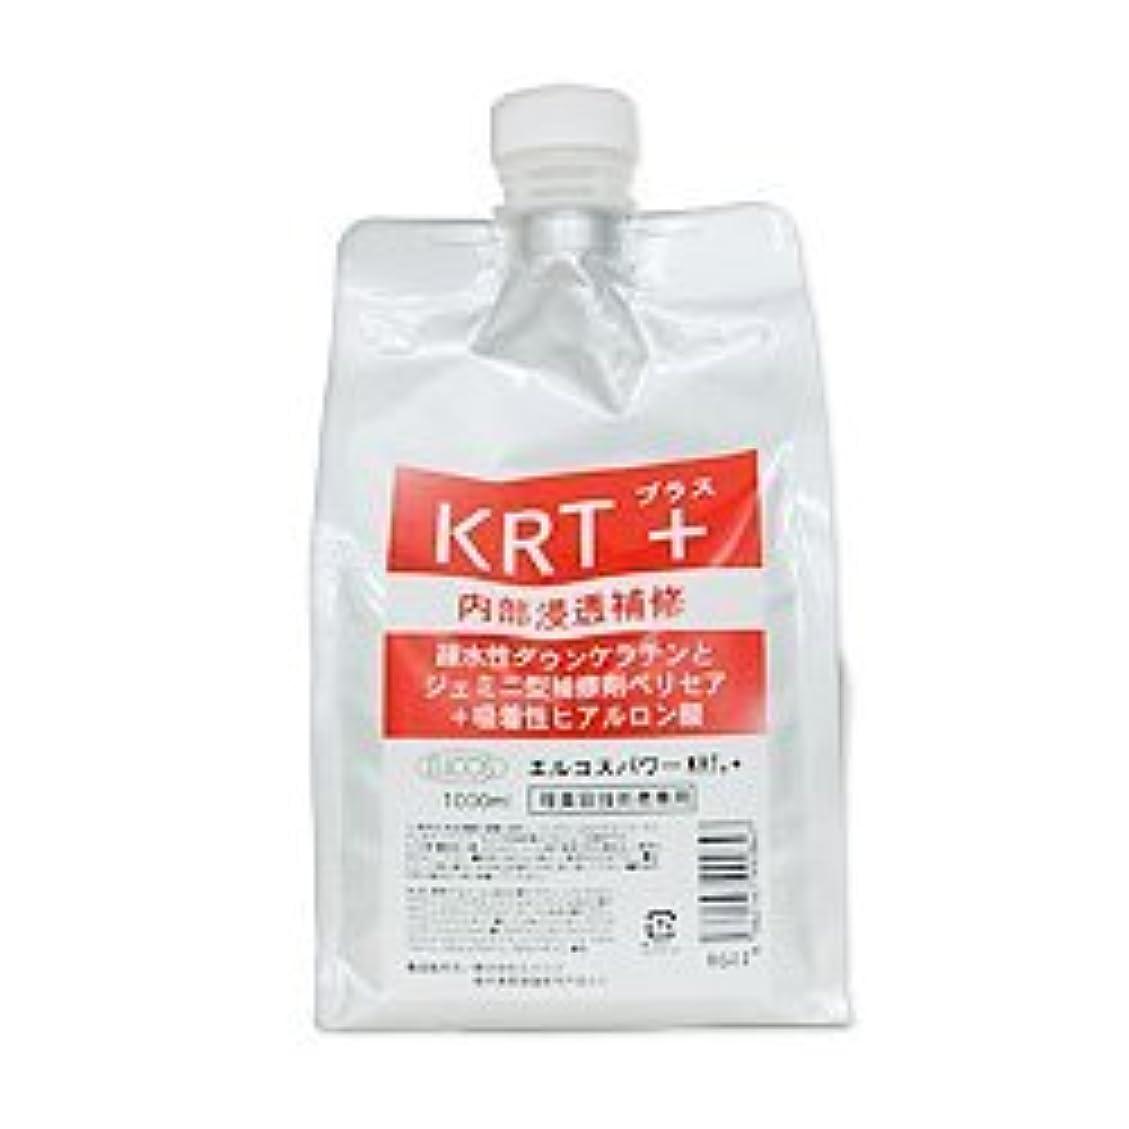 抜粋失望させる傾向がありますエルコス パワー KRT+ 1000ml(詰替用)(トリートメント)